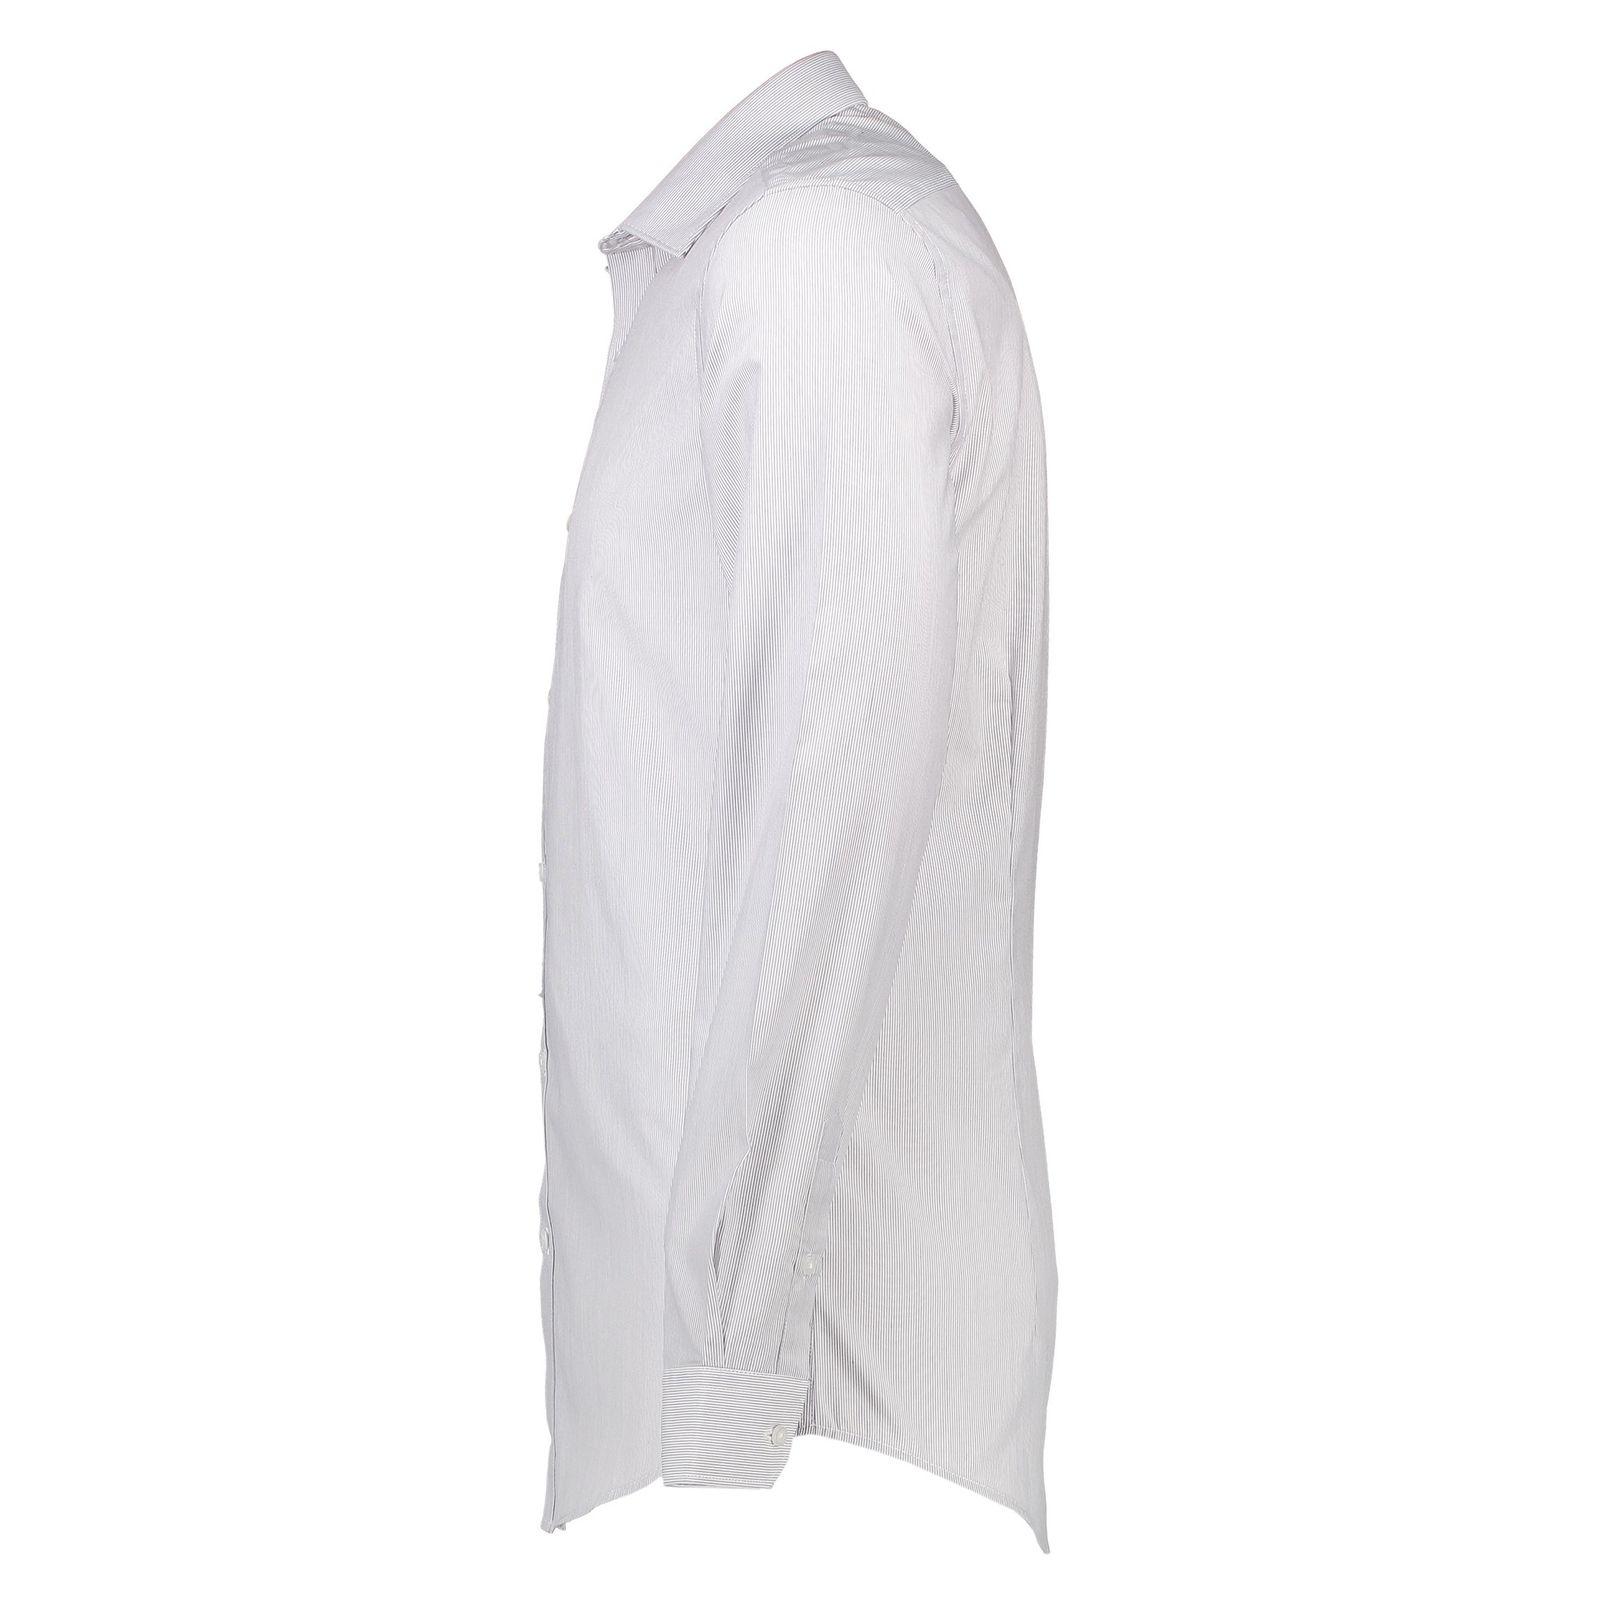 پیراهن رسمی مردانه - رد هرینگ - طوسي - 3